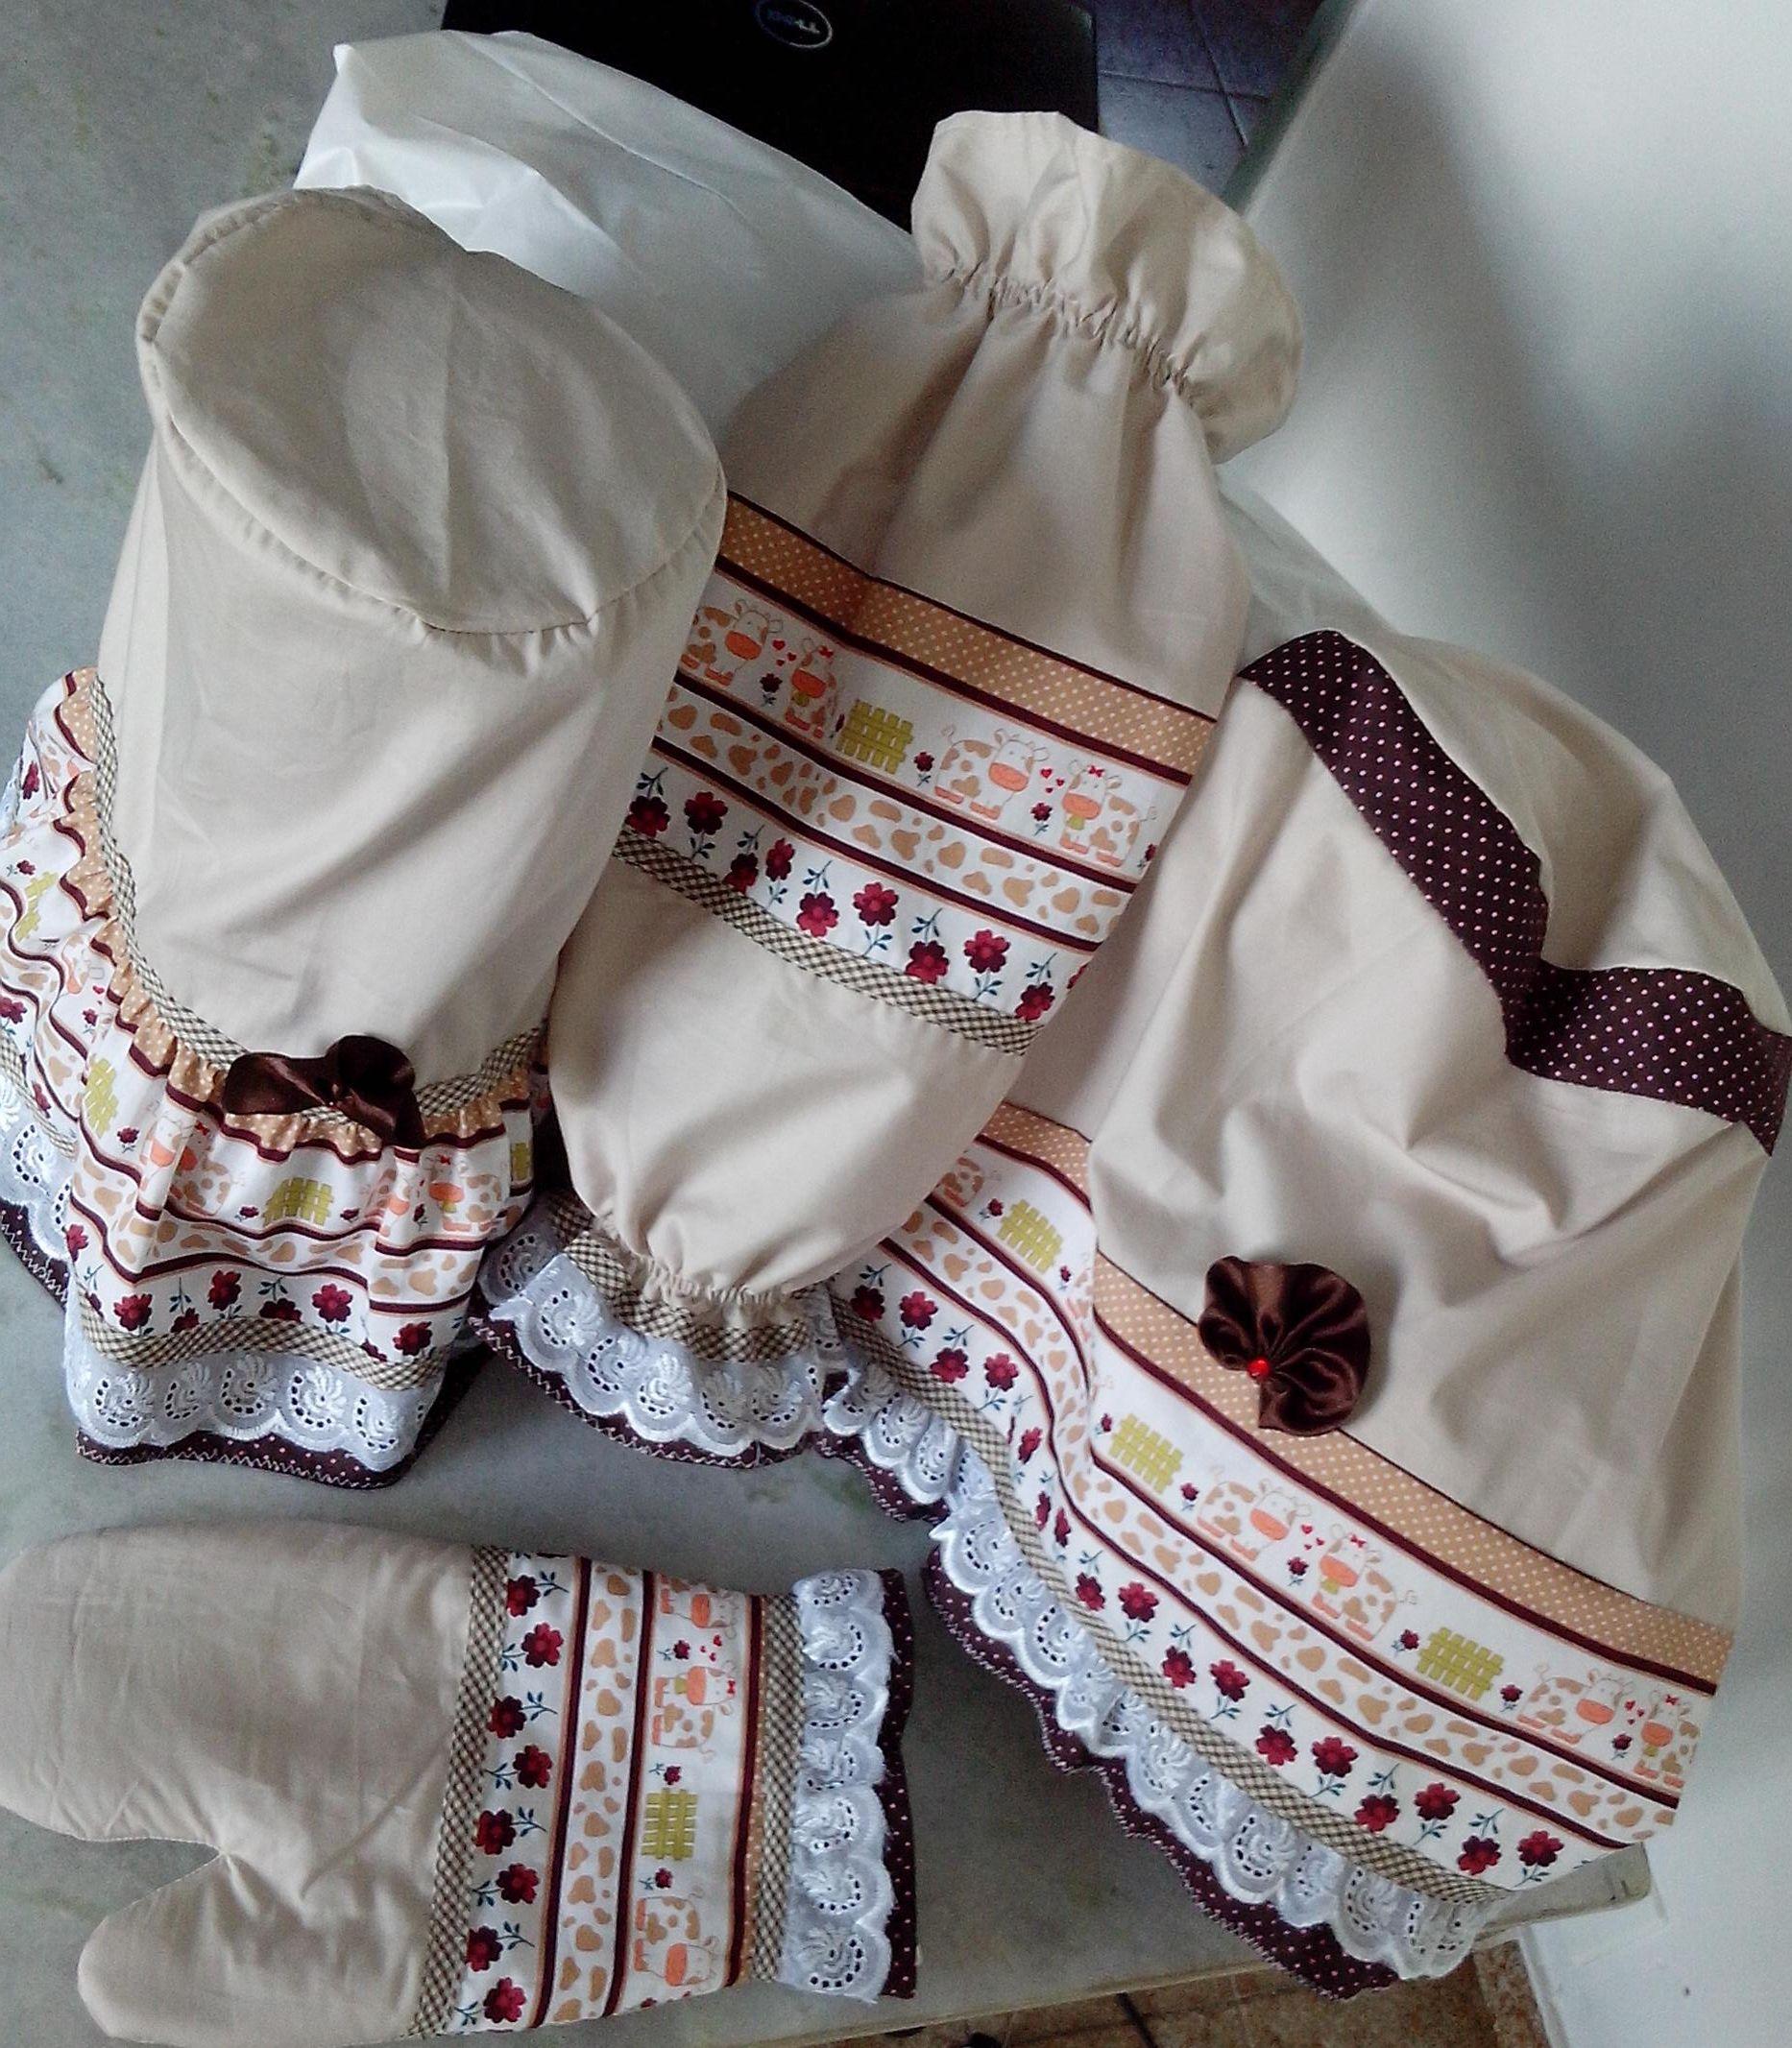 Kit Cozinha Tecido 100 Algod O Com 04 Pe As Puxa Saco Luva